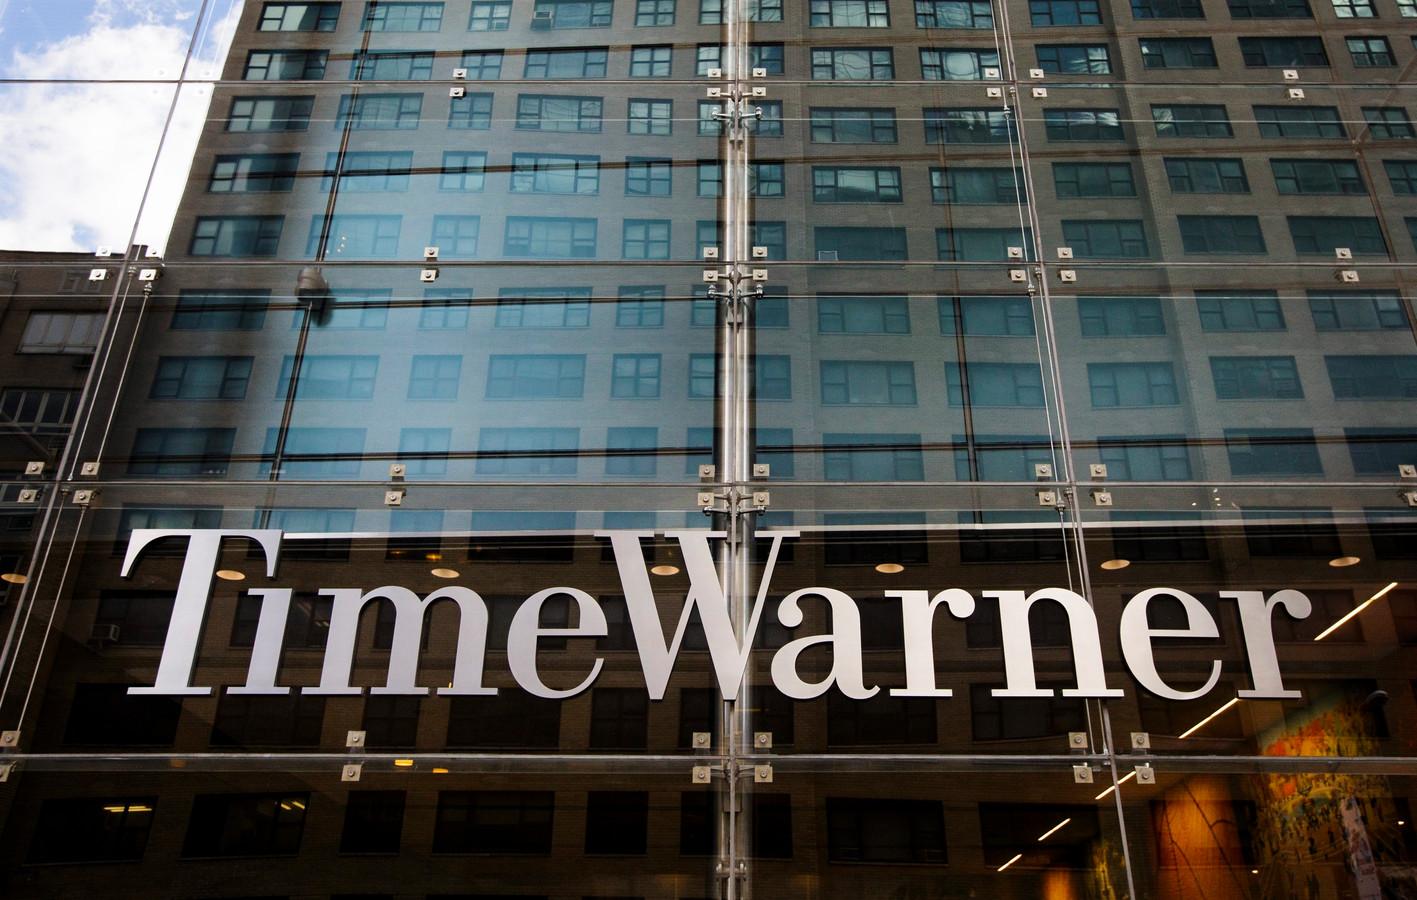 De Amerikaanse televisiezender CNN heeft studio's in het Time Warner-gebouw in New York donderdagavond moeten ontruimen wegens een bommelding.